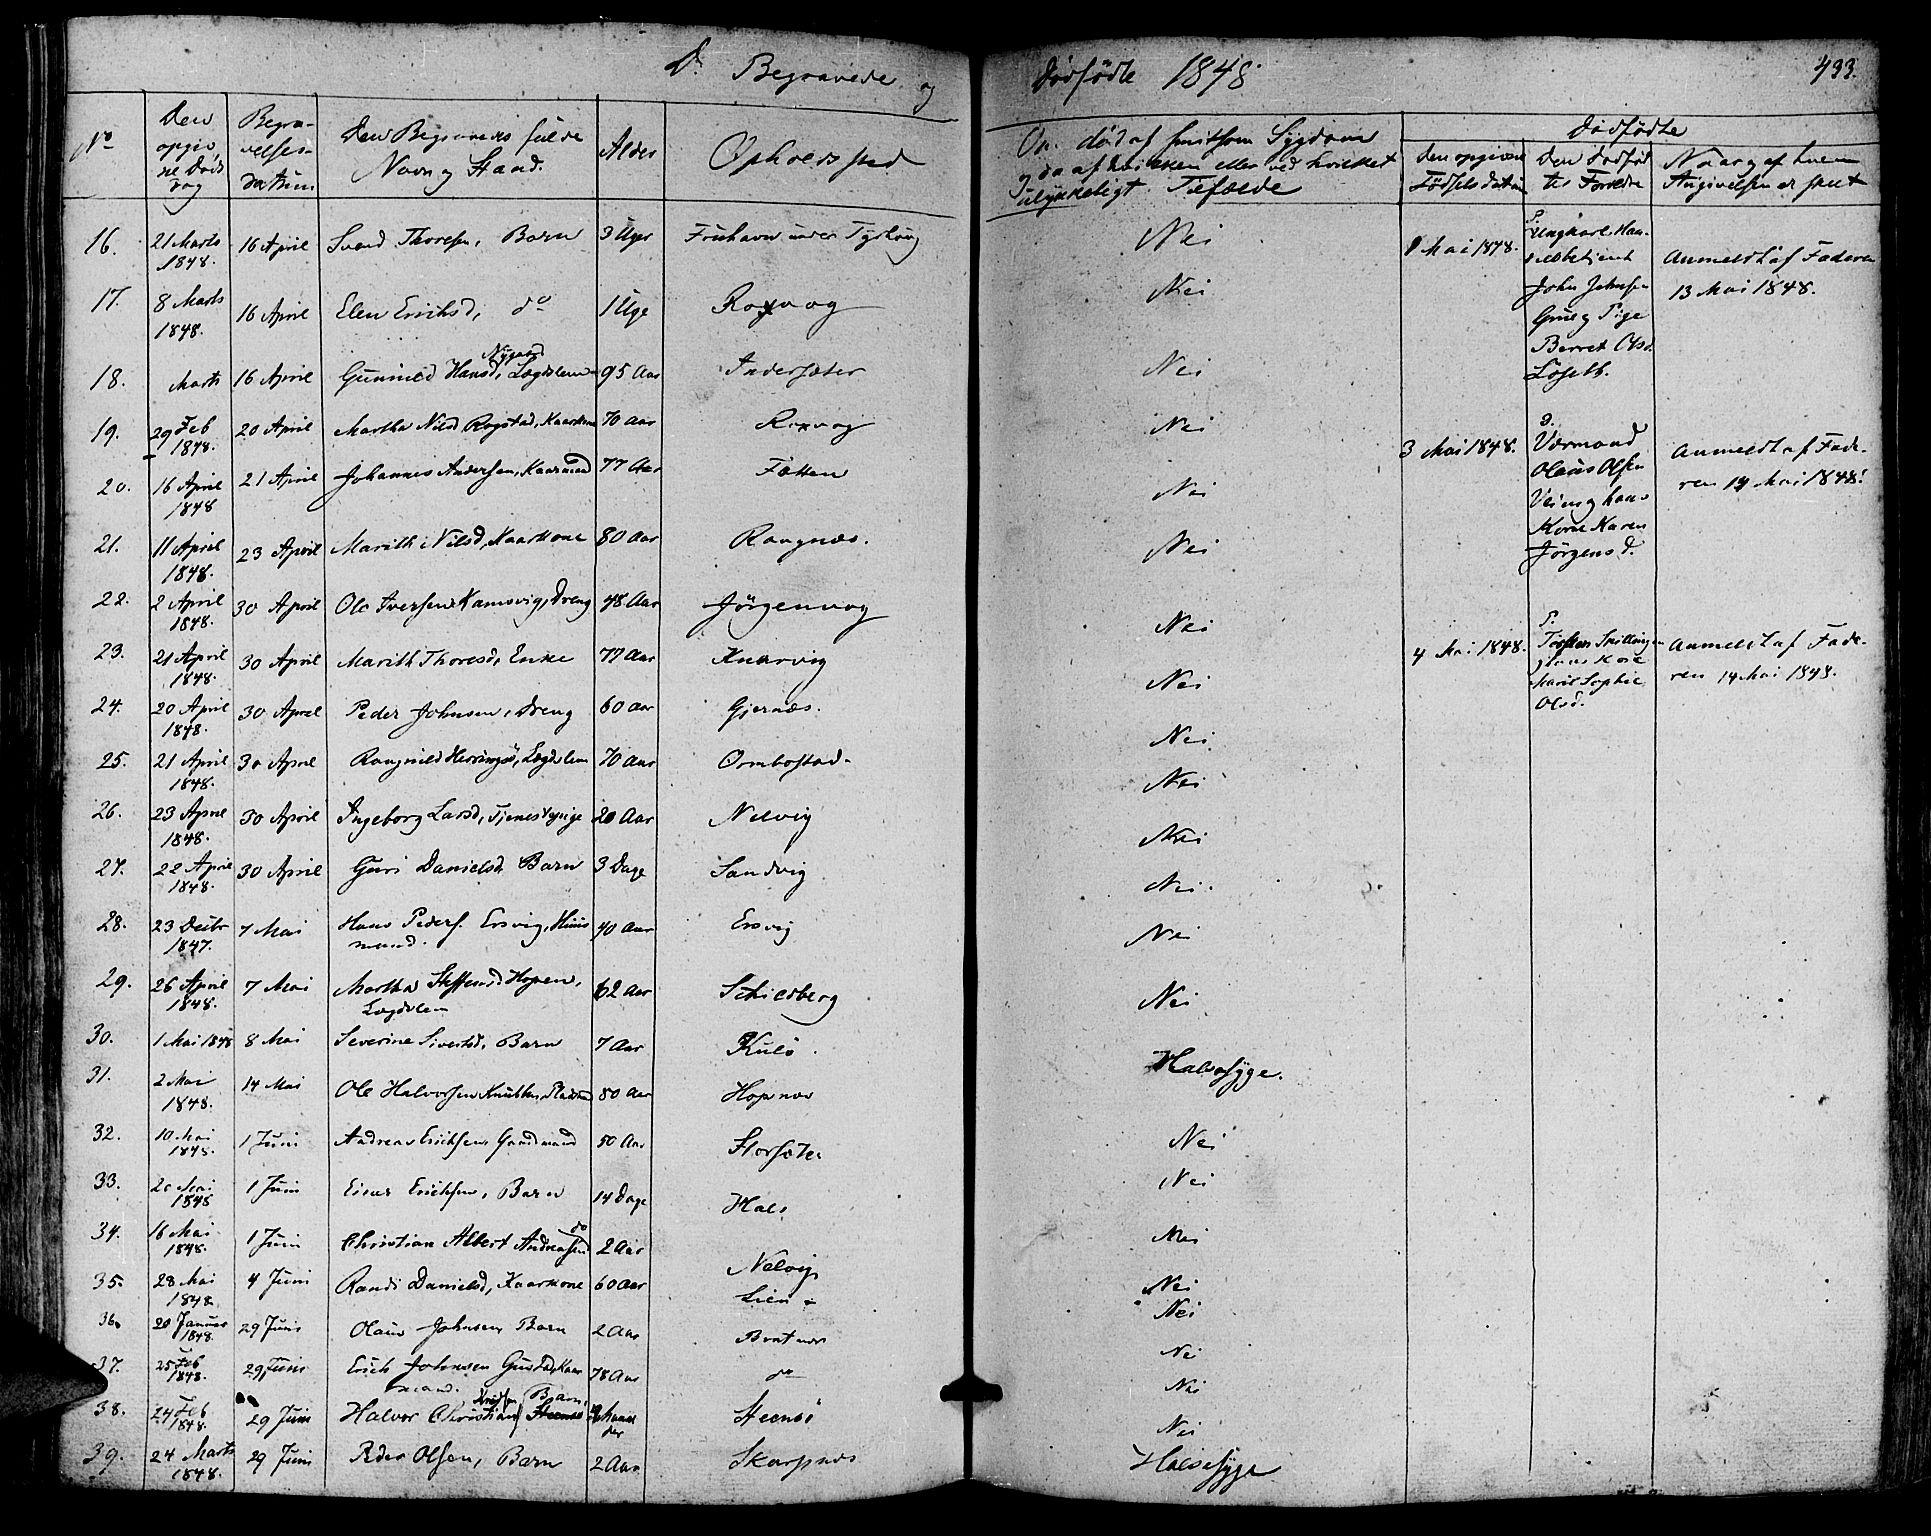 SAT, Ministerialprotokoller, klokkerbøker og fødselsregistre - Møre og Romsdal, 581/L0936: Ministerialbok nr. 581A04, 1836-1852, s. 433